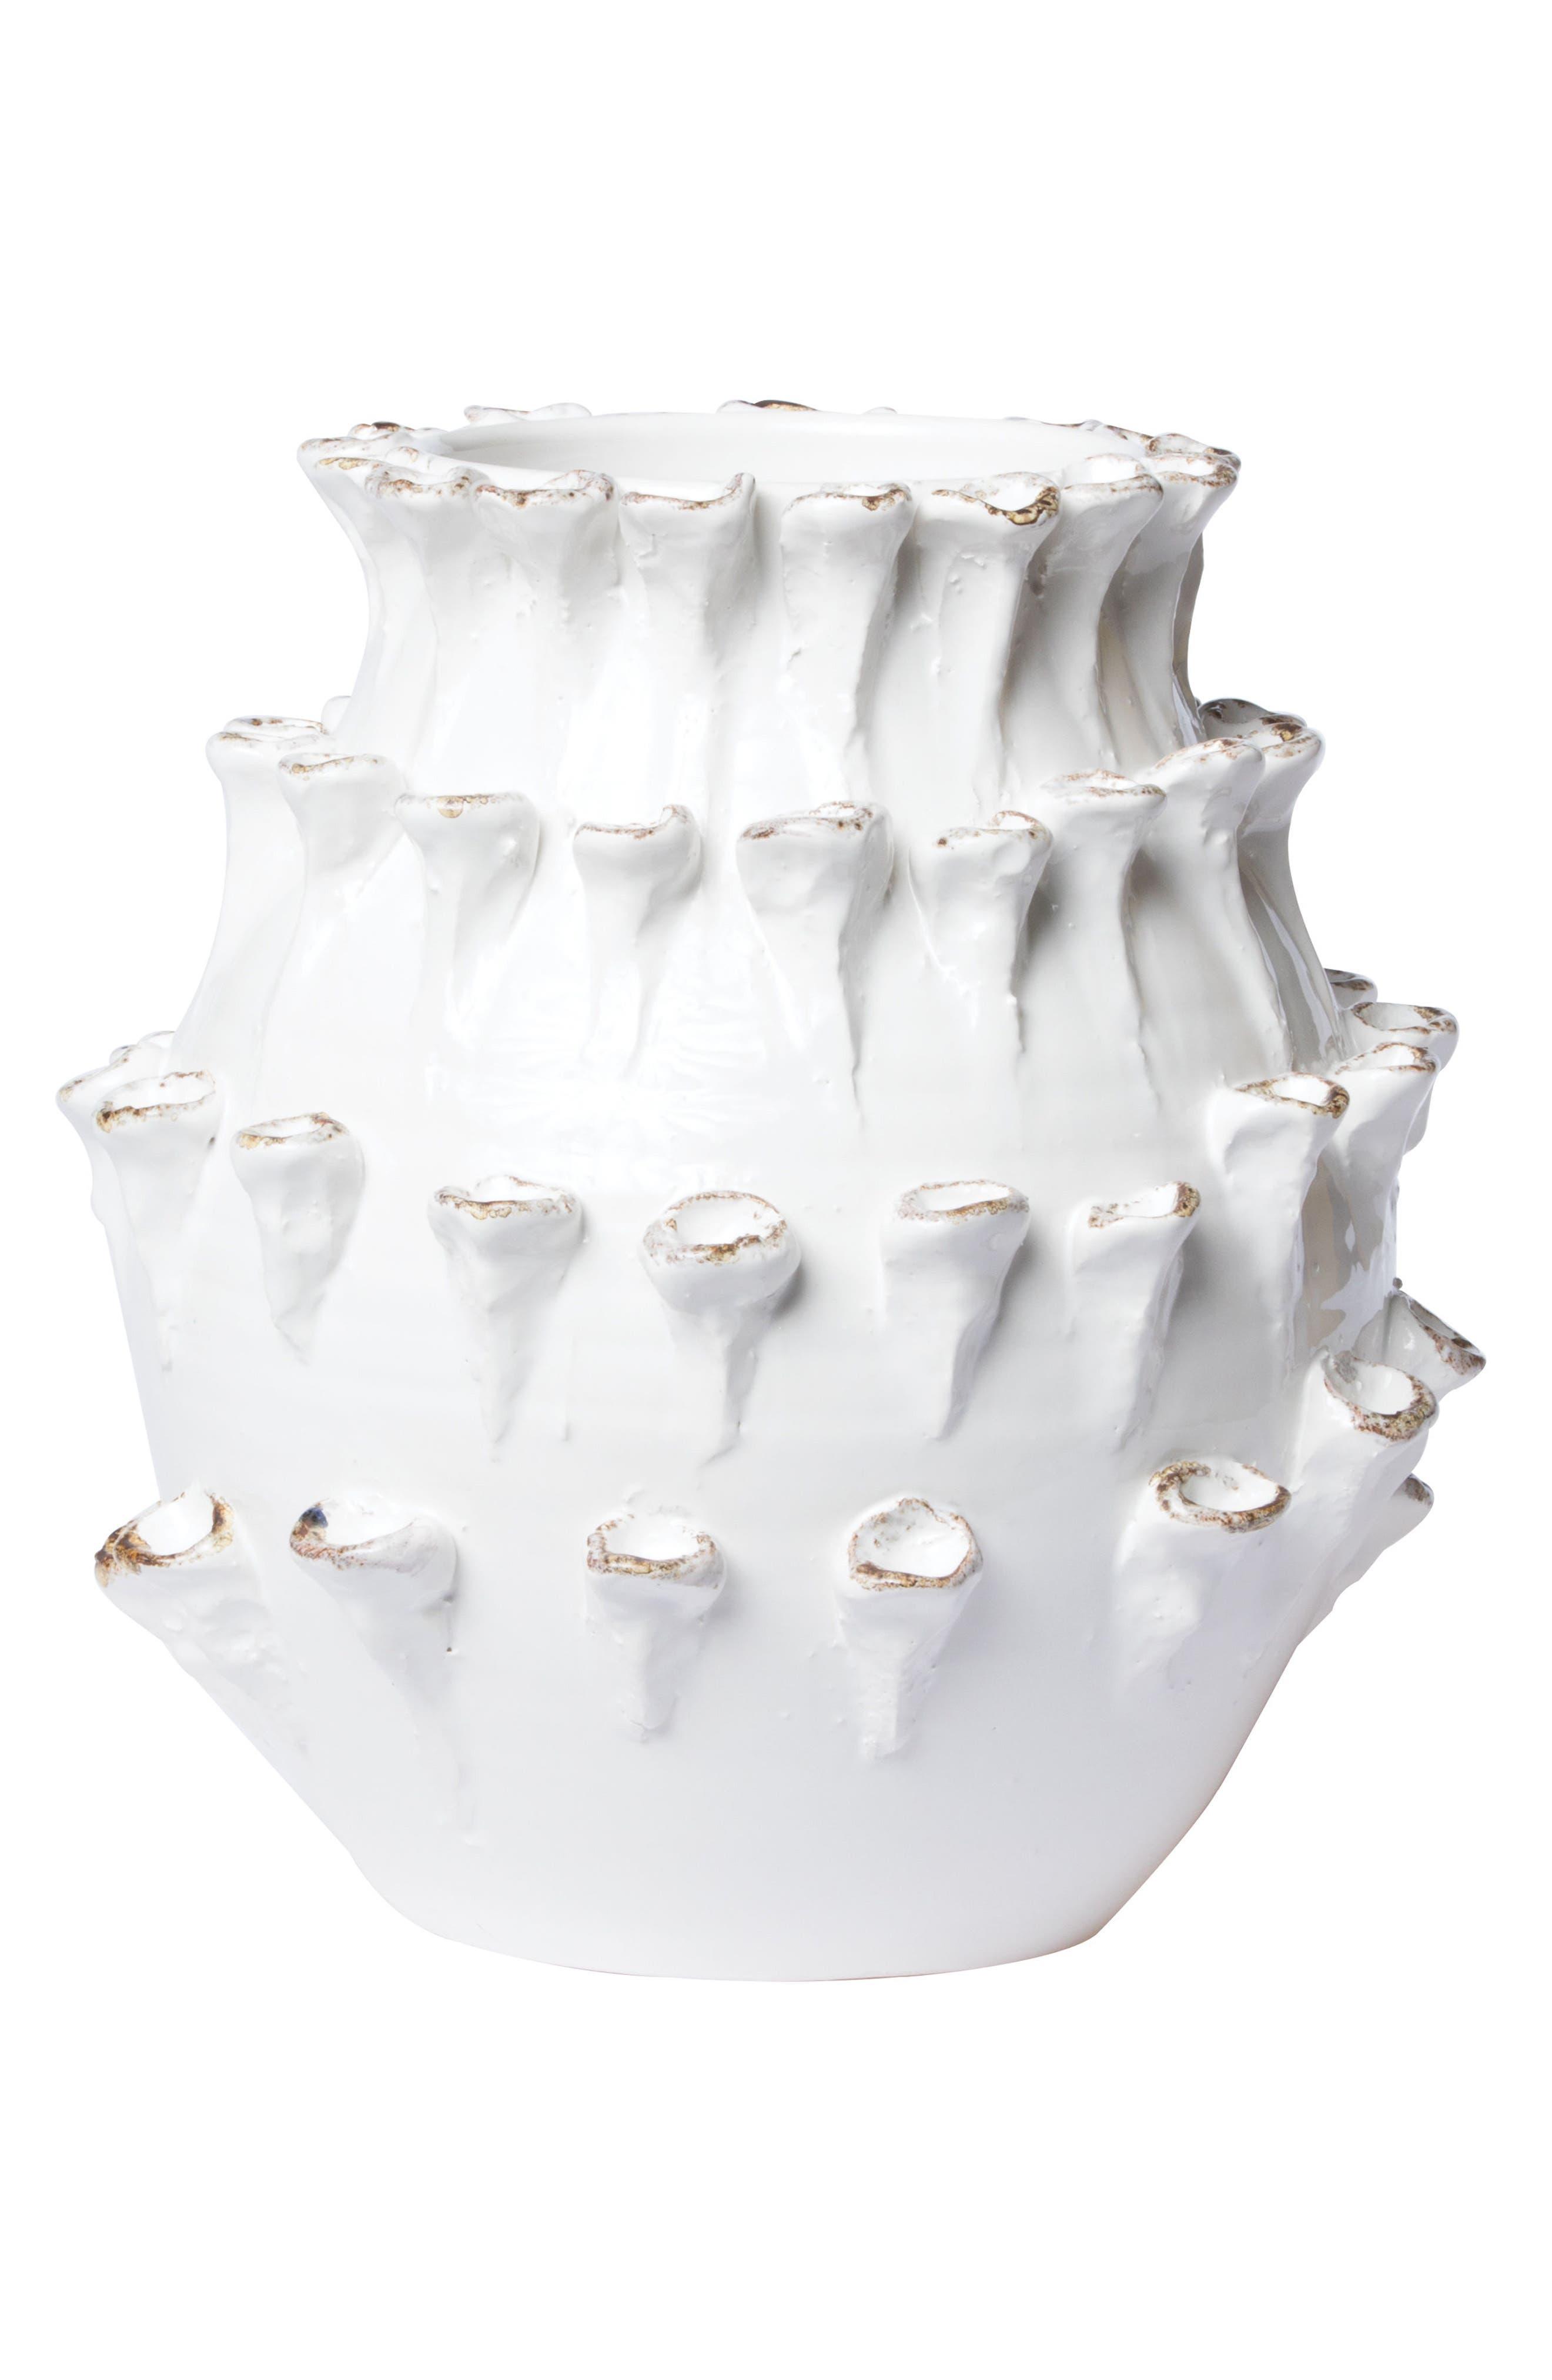 VIETRI Artistic Edges Medium Vase